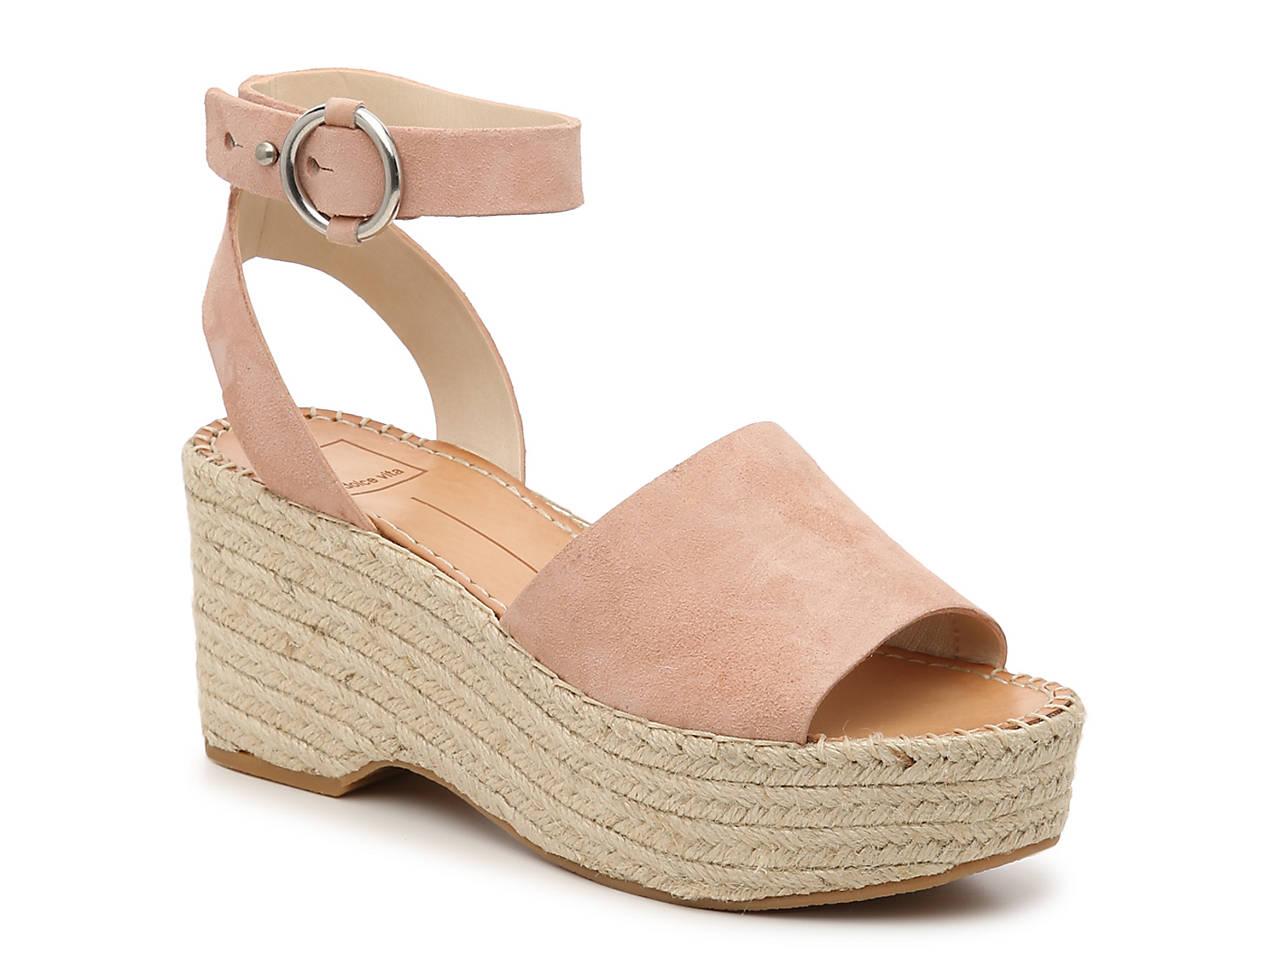 Dolce Vita Lesly Suede Ankle Strap Platform Espadrille Sandals fvo6yjye